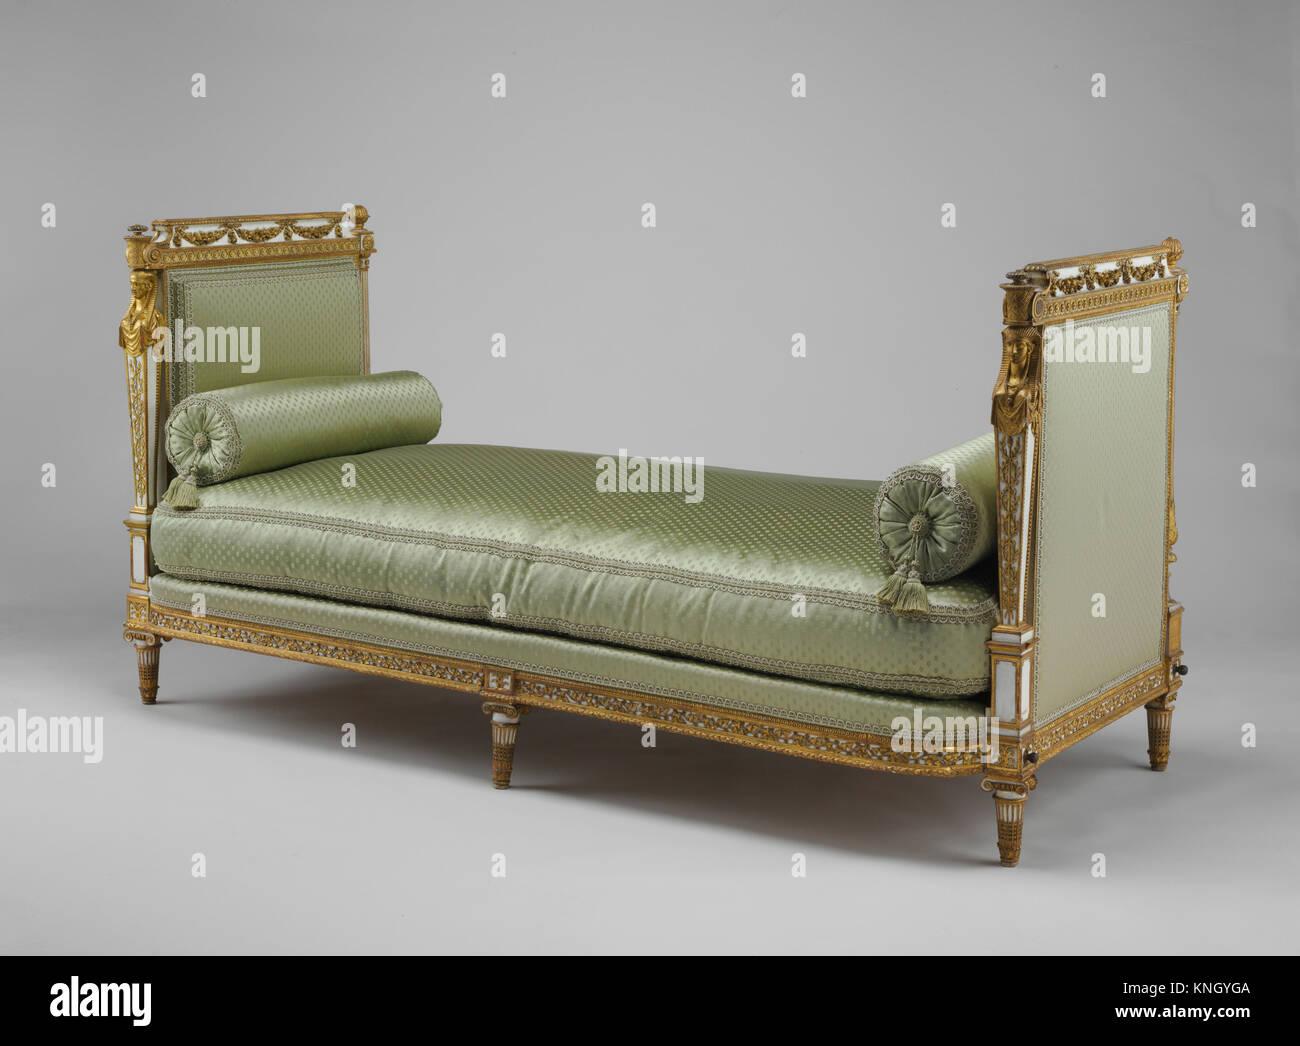 chaussures de séparation c9a7f c19ad Banquette-lit (lit de repos ou sultane) (partie d'un ...